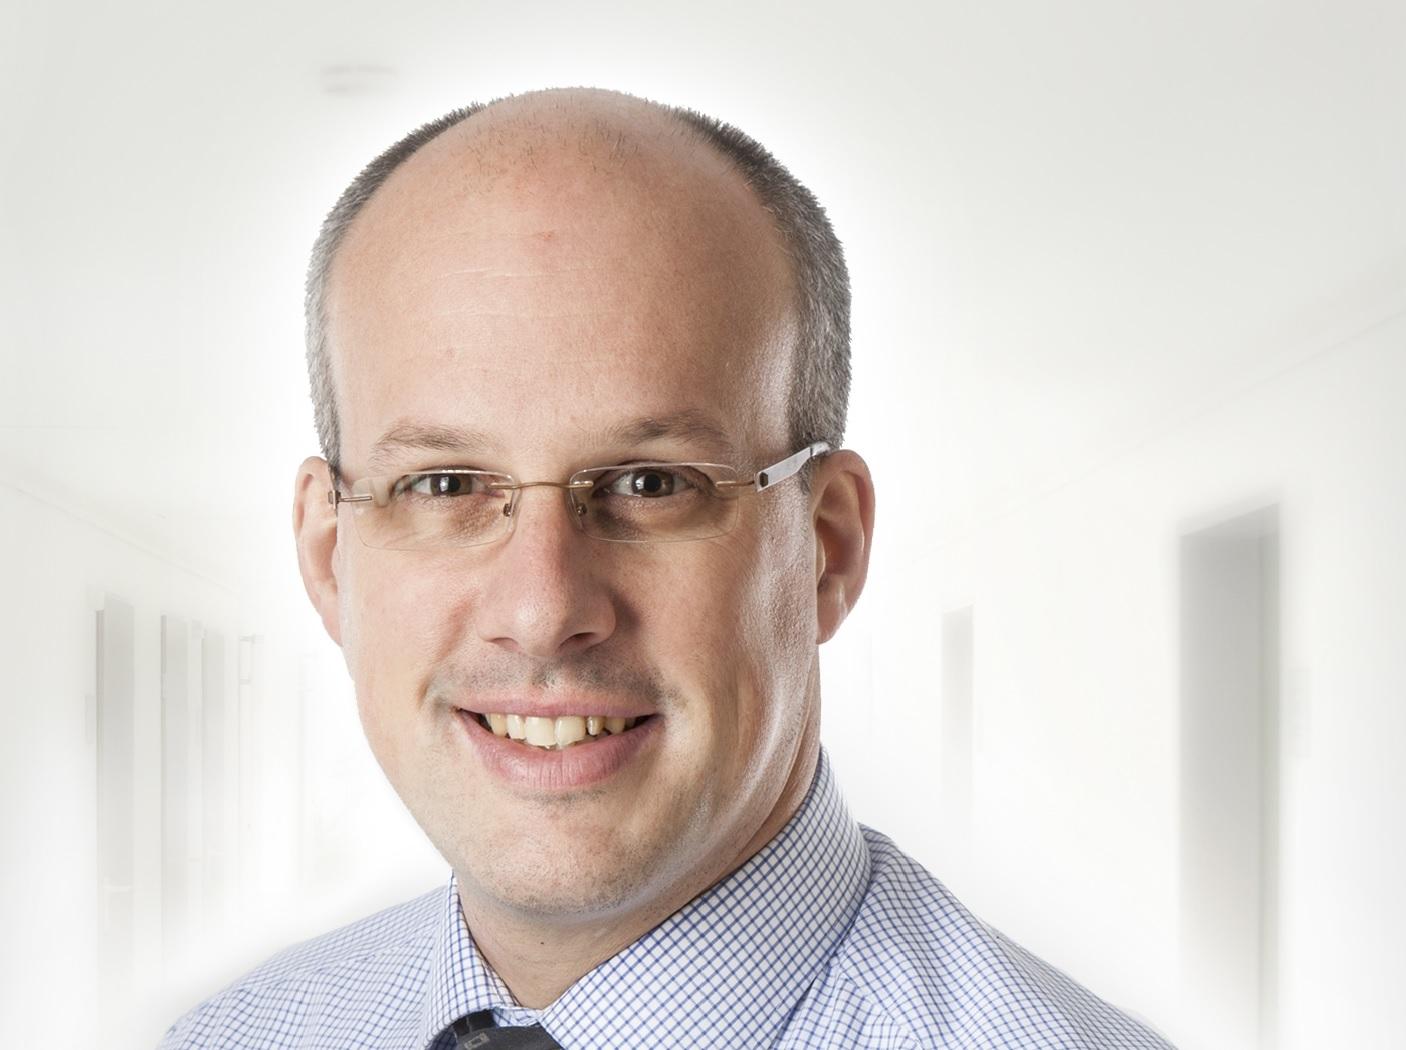 Dr. Michael Lichtenberg, Geschäftsführer der Deutschen Gesellschaft für Angiologie – Gesellschaft für Gefäßmedizin e.V., Thema: Schaufensterkrankheit